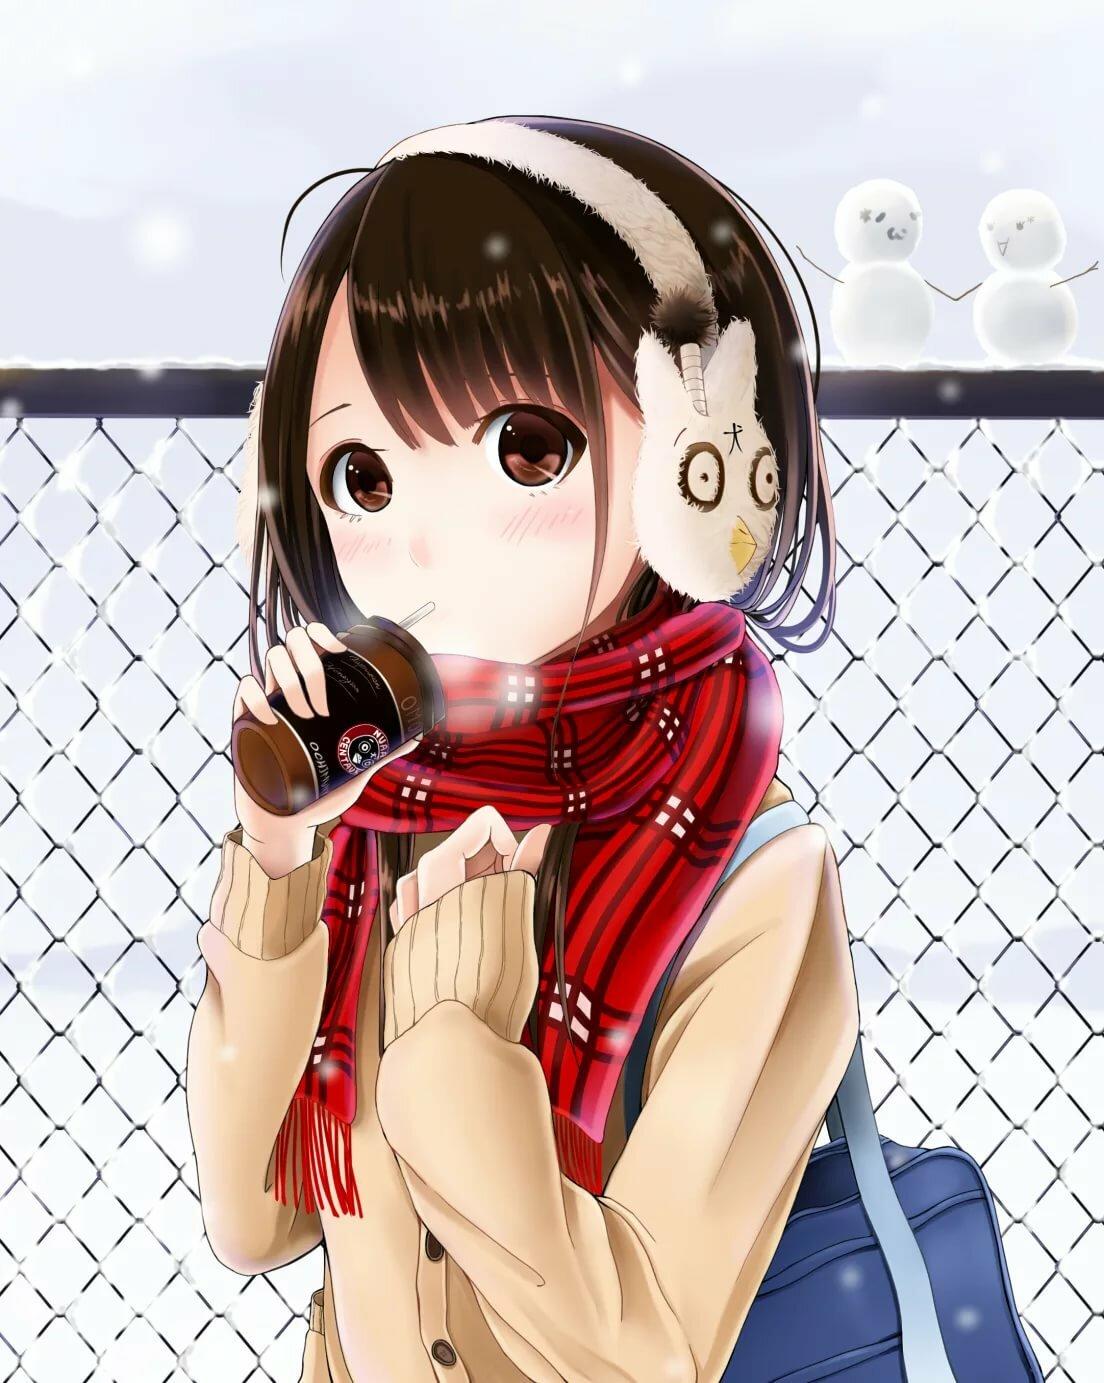 Девушке спокойной, прикольные картинки с девчонками аниме